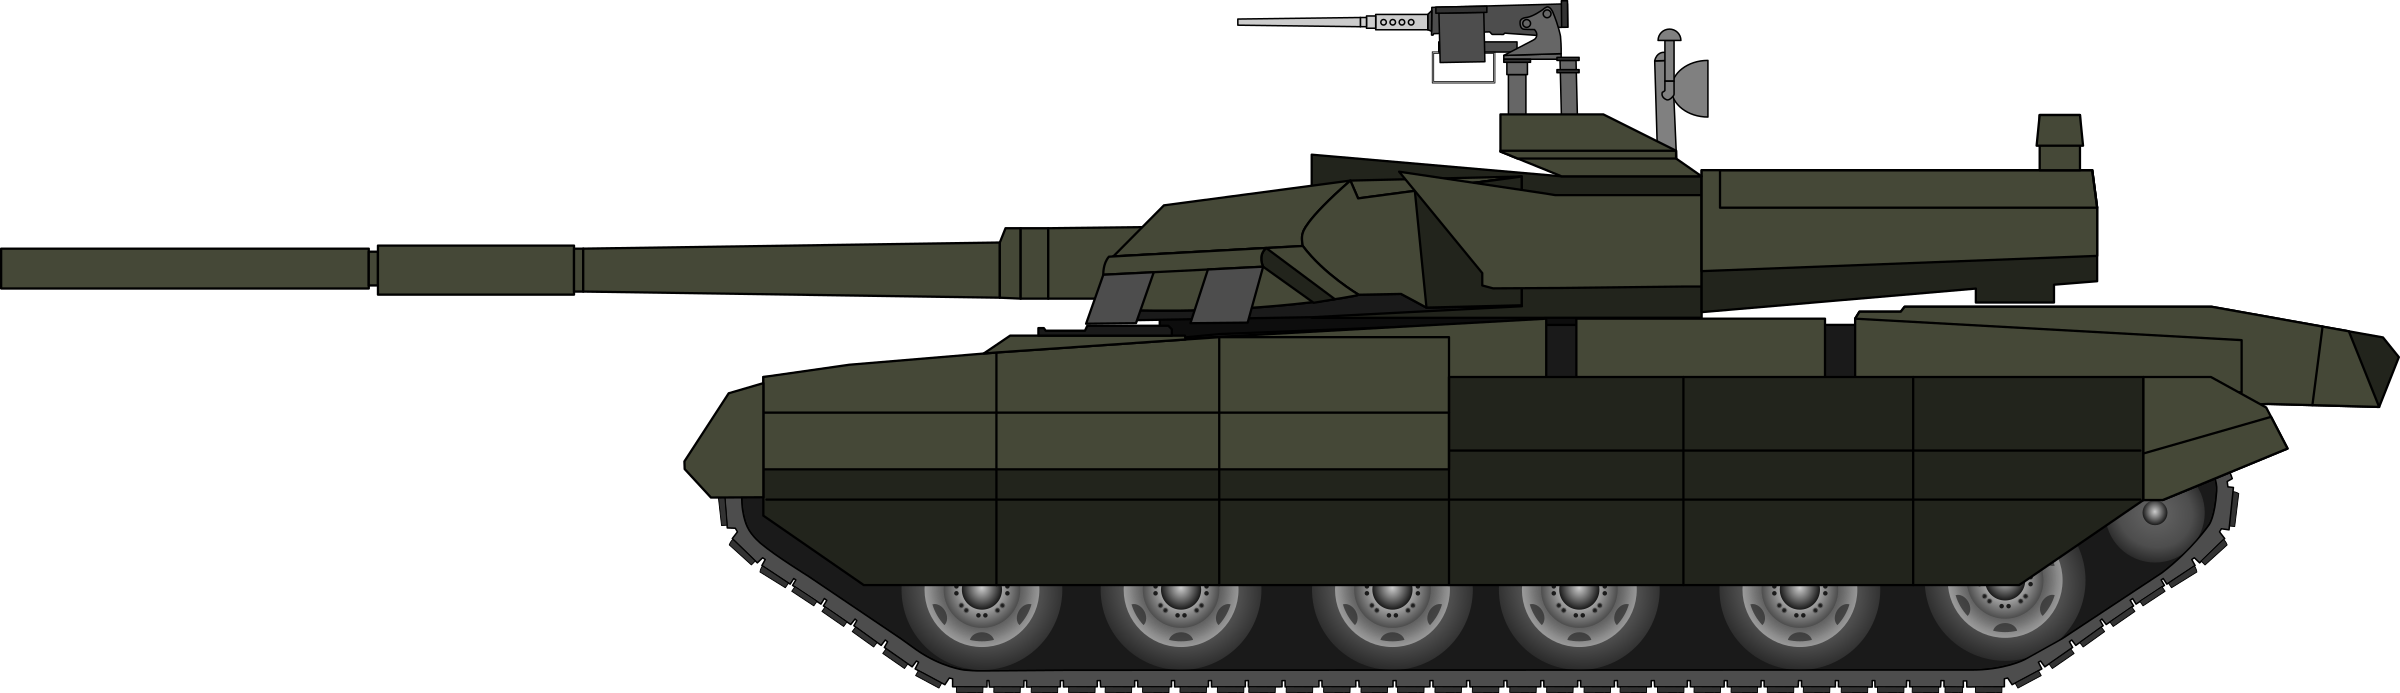 Tank car clipart jpg Clipart - T84 tank jpg